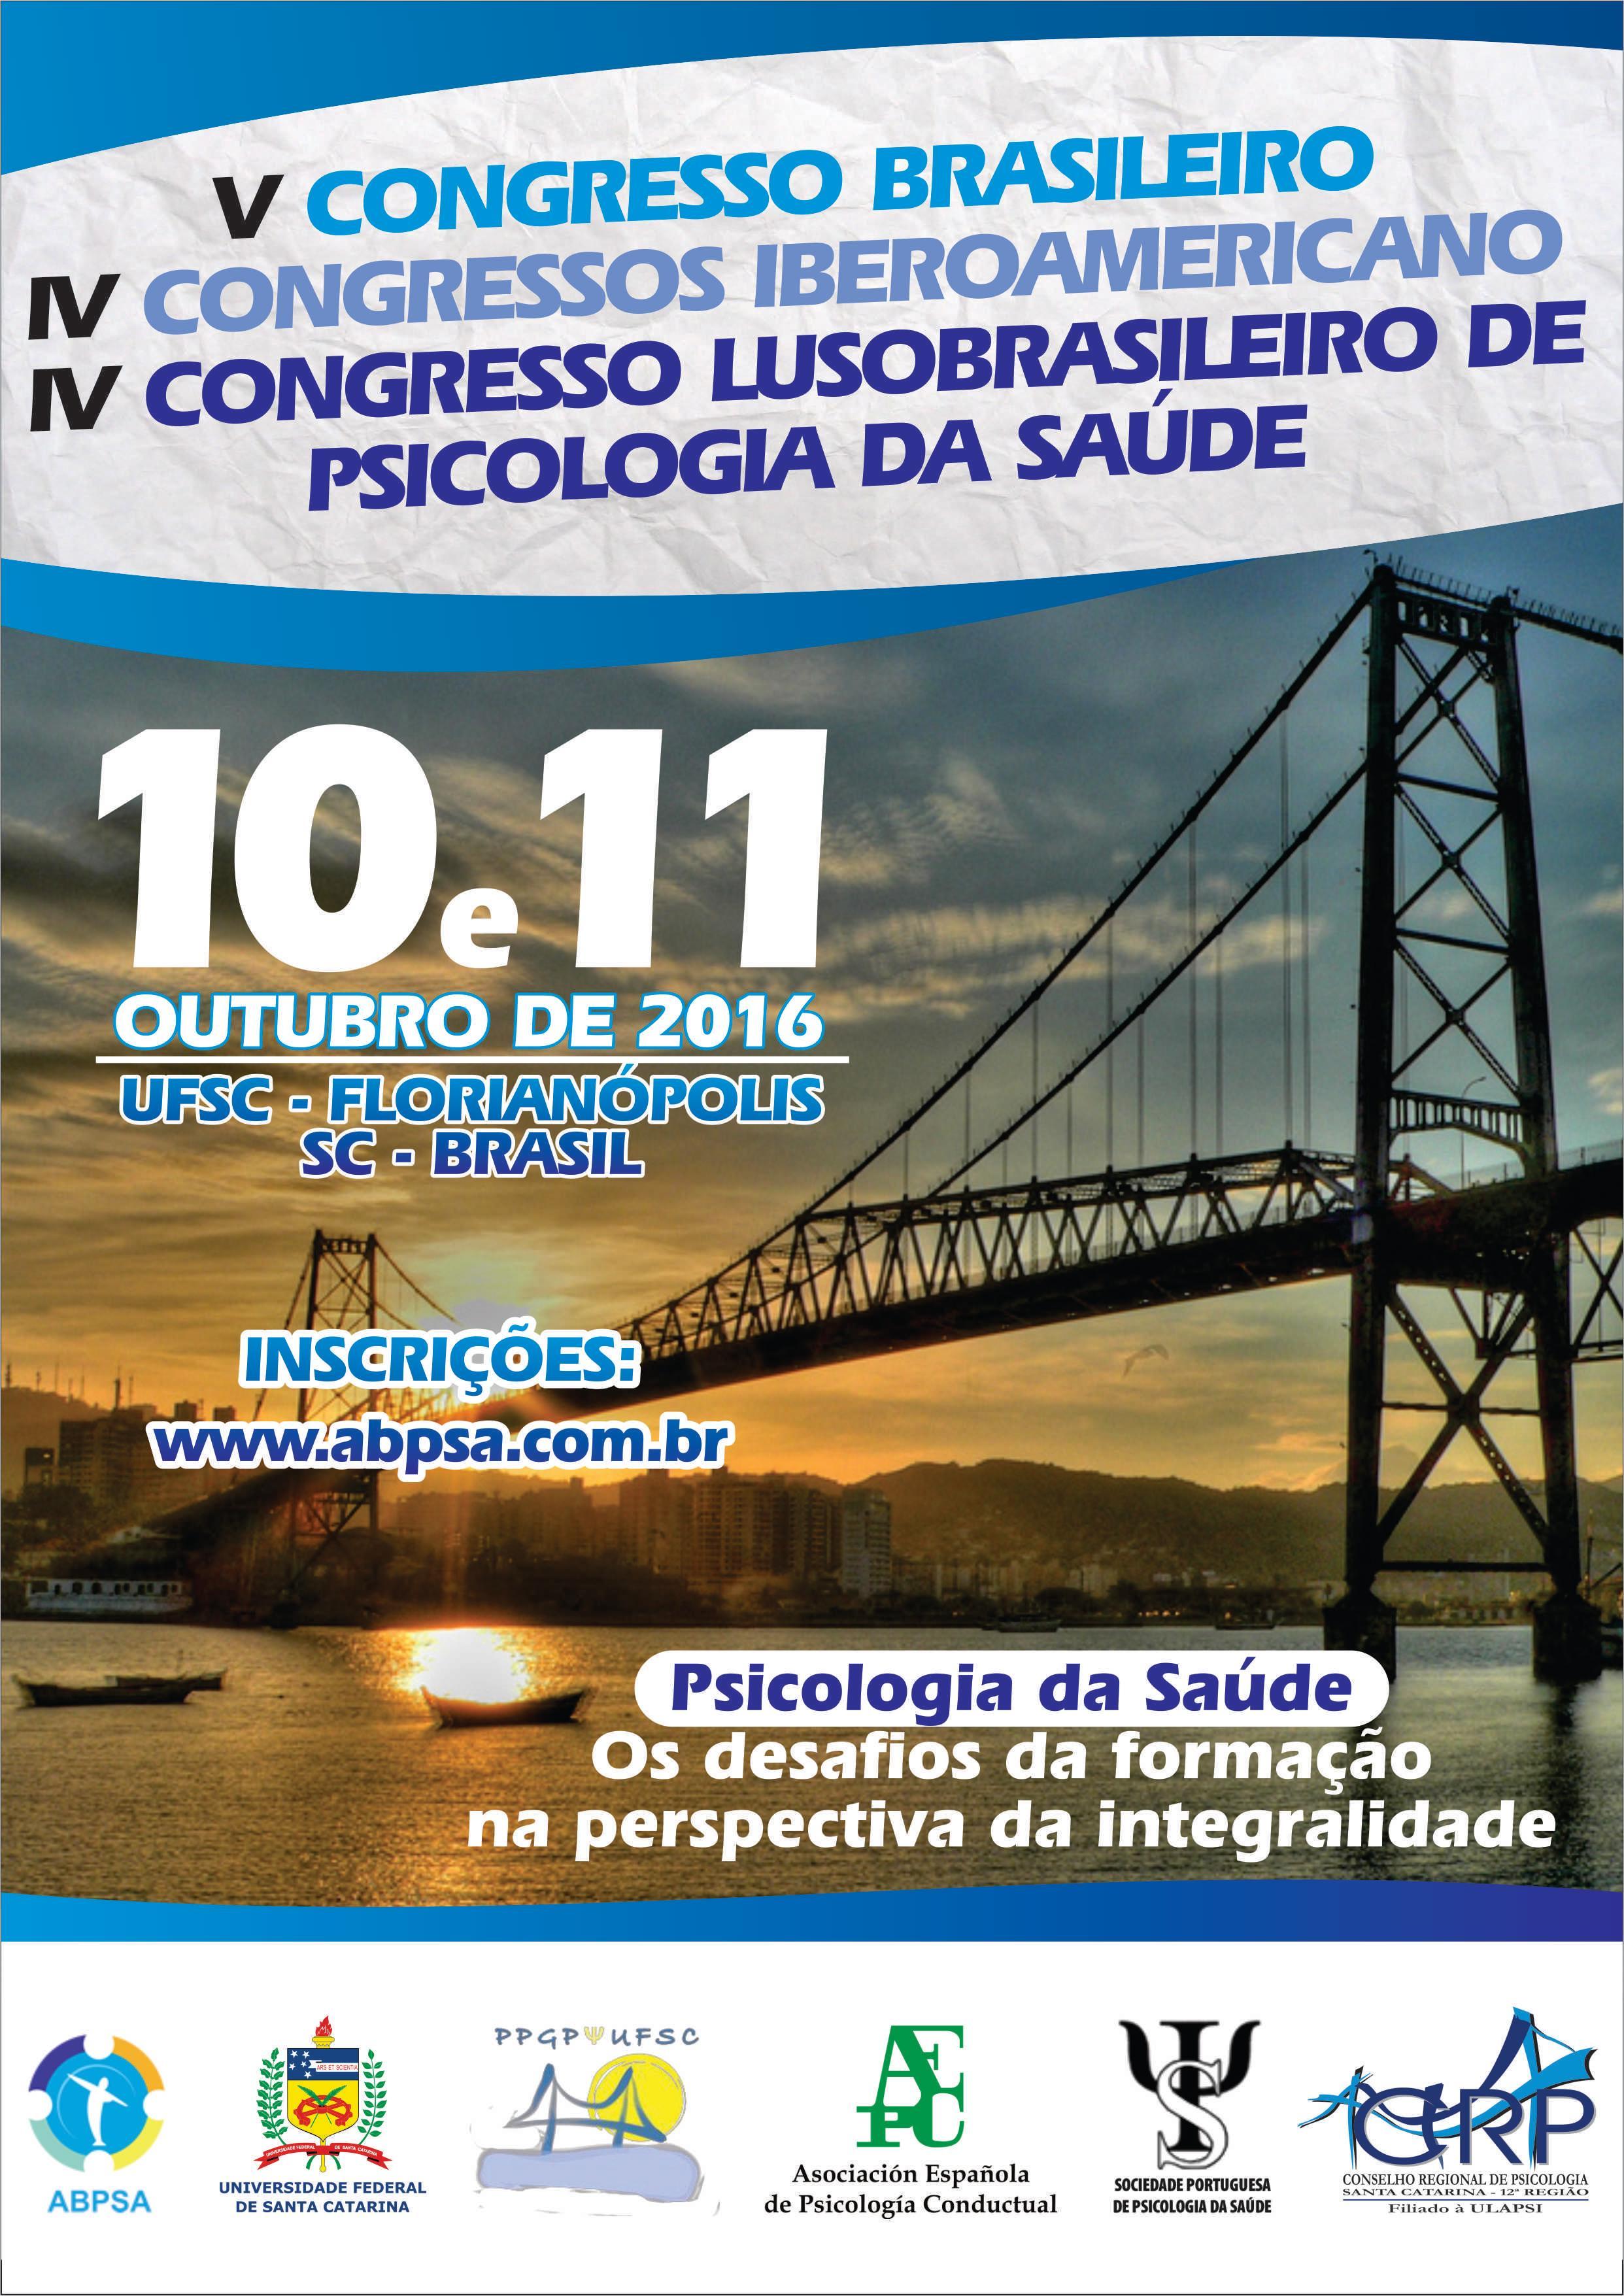 V Congresso Brasileiro de Psicologia da Saúde e IV Congresso Iberoamericano e Lusobrasileiro de Psicologia da Saúde